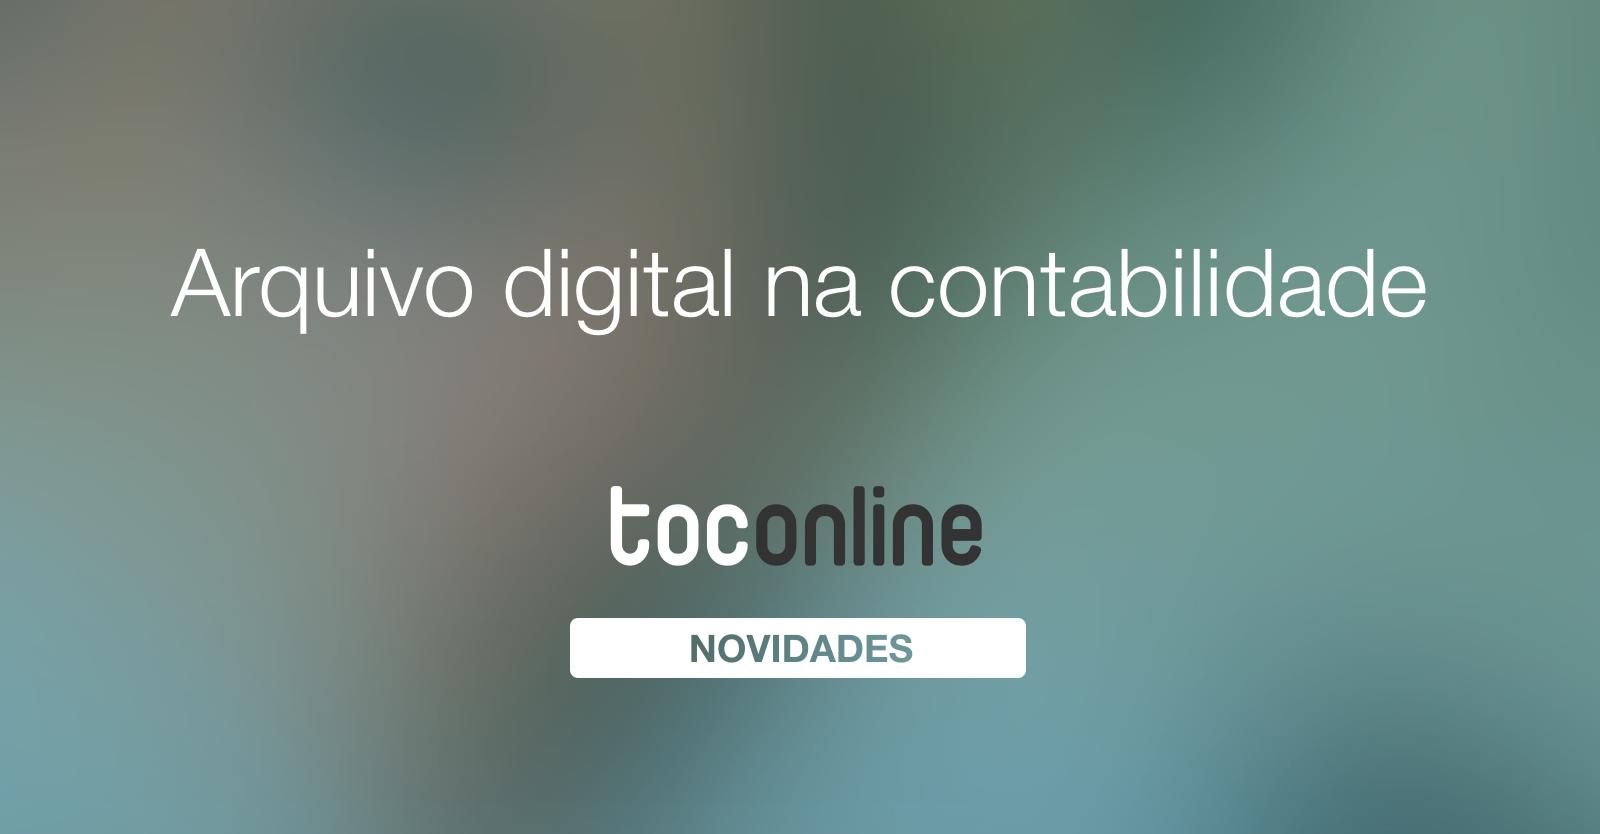 Arquivo digital contabilidade